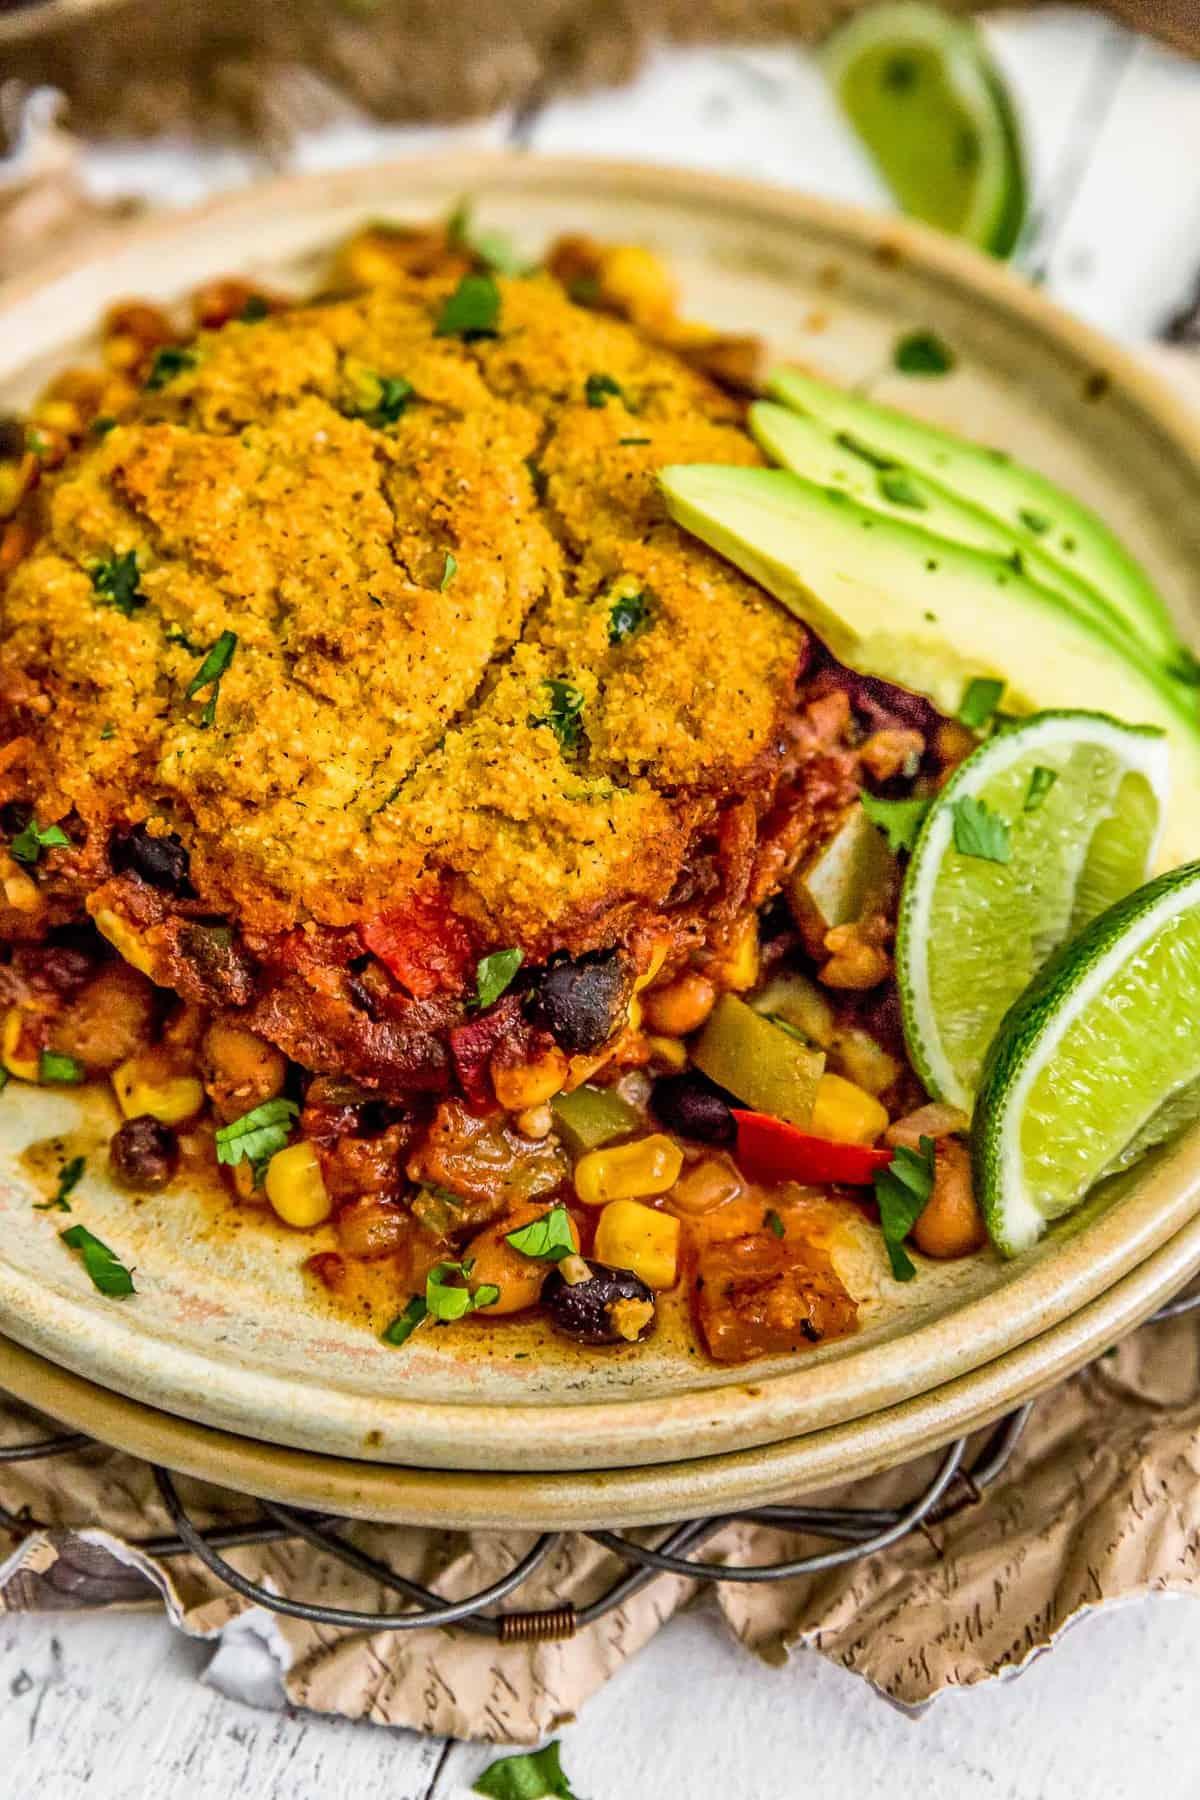 Plate of Vegan Tamale Skillet